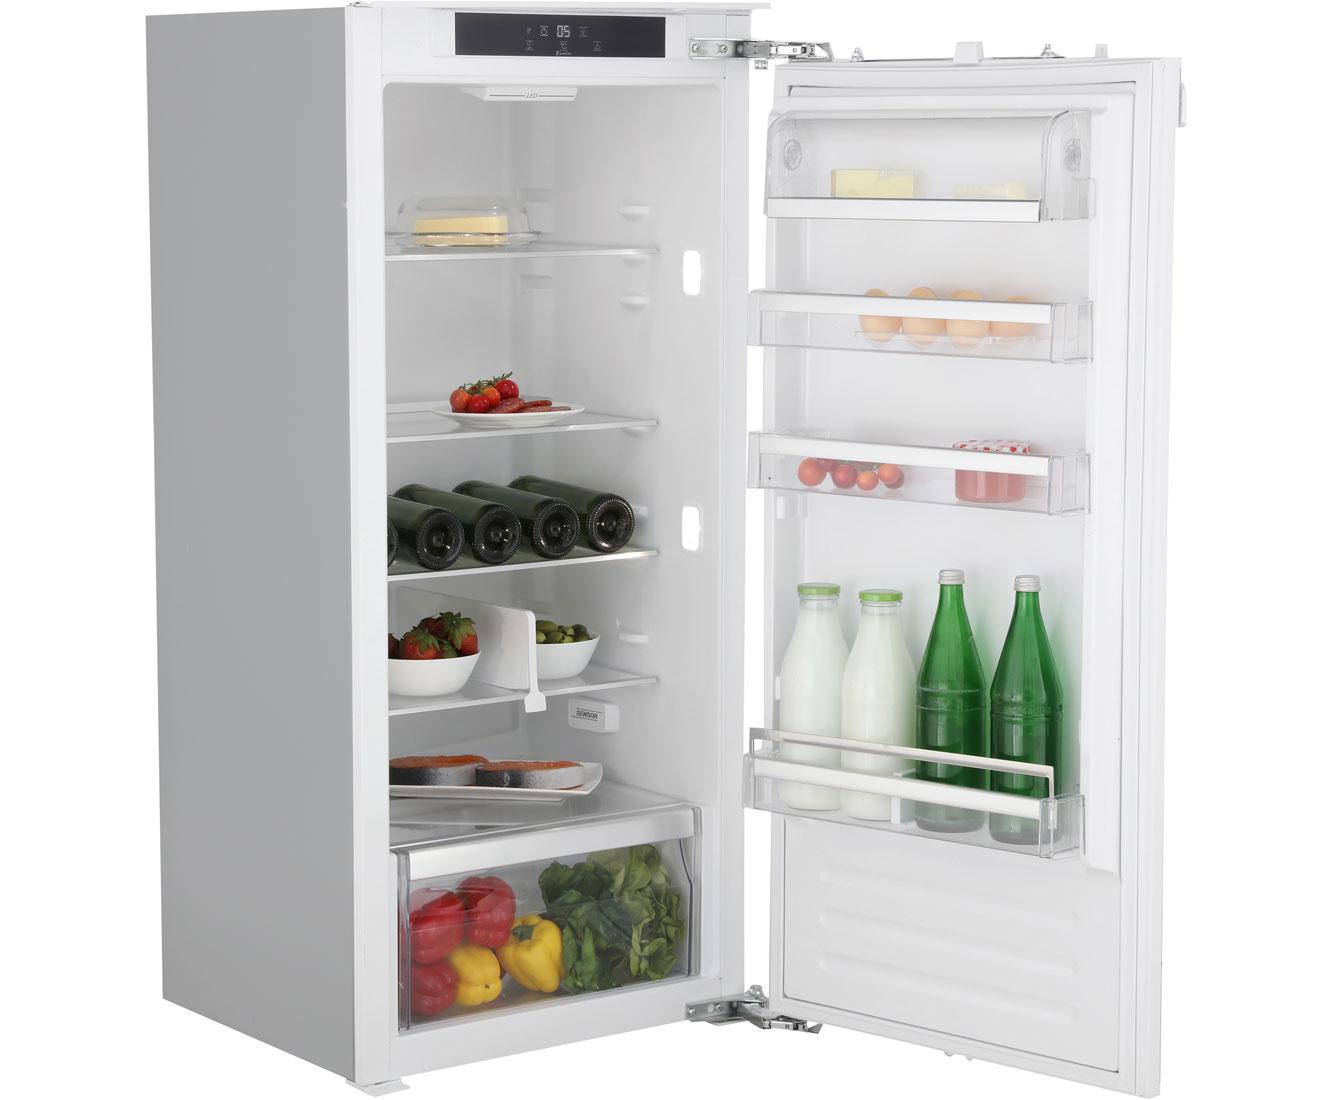 Kühlschrank Bosch Oder Bauknecht : Bauknecht krie a einbau kühlschrank er nische